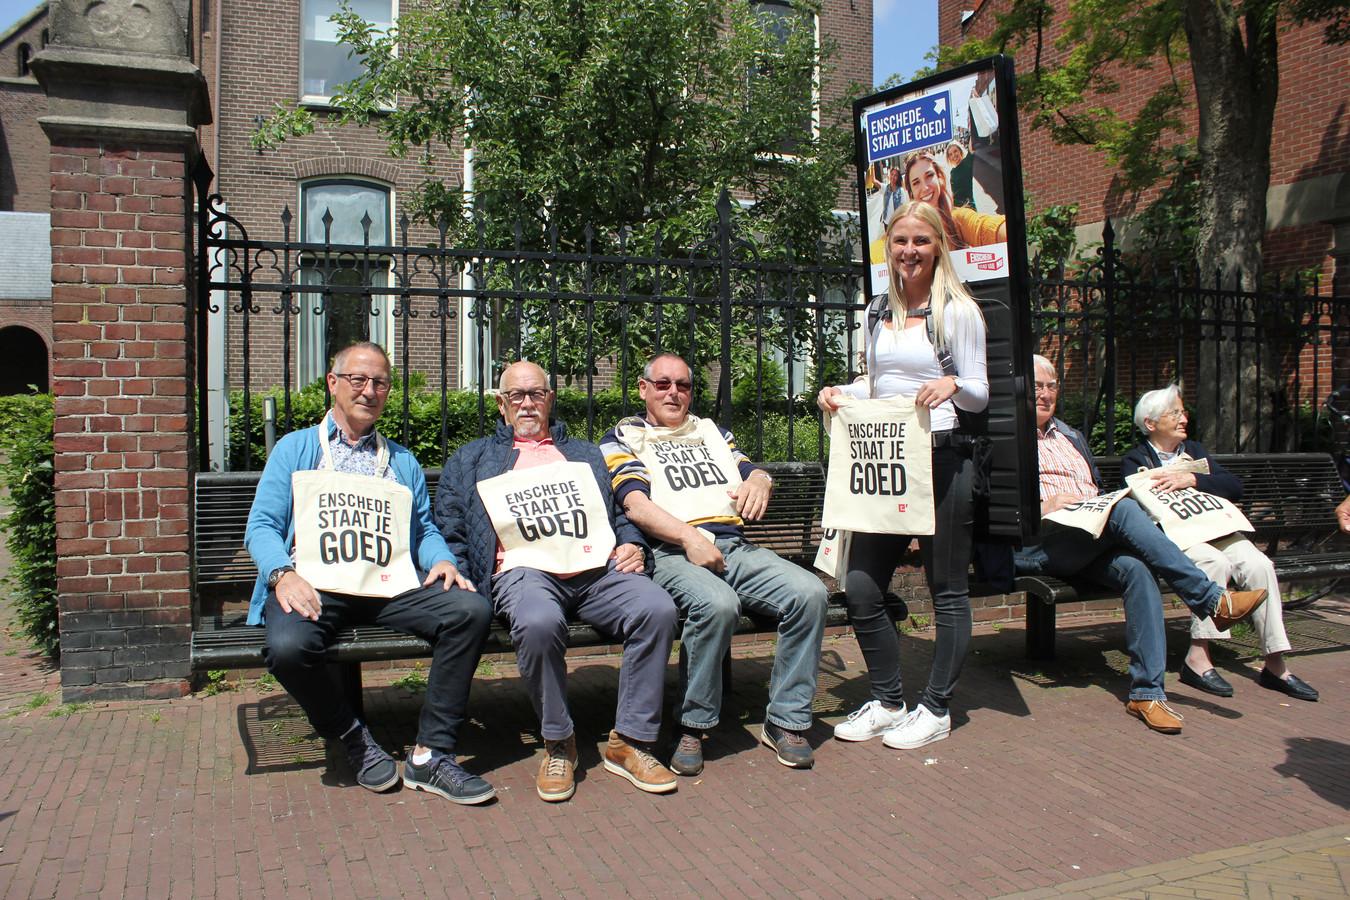 Guerilla Promotie Enschede Wekt Woede Van Winterswijk Foto Adnl